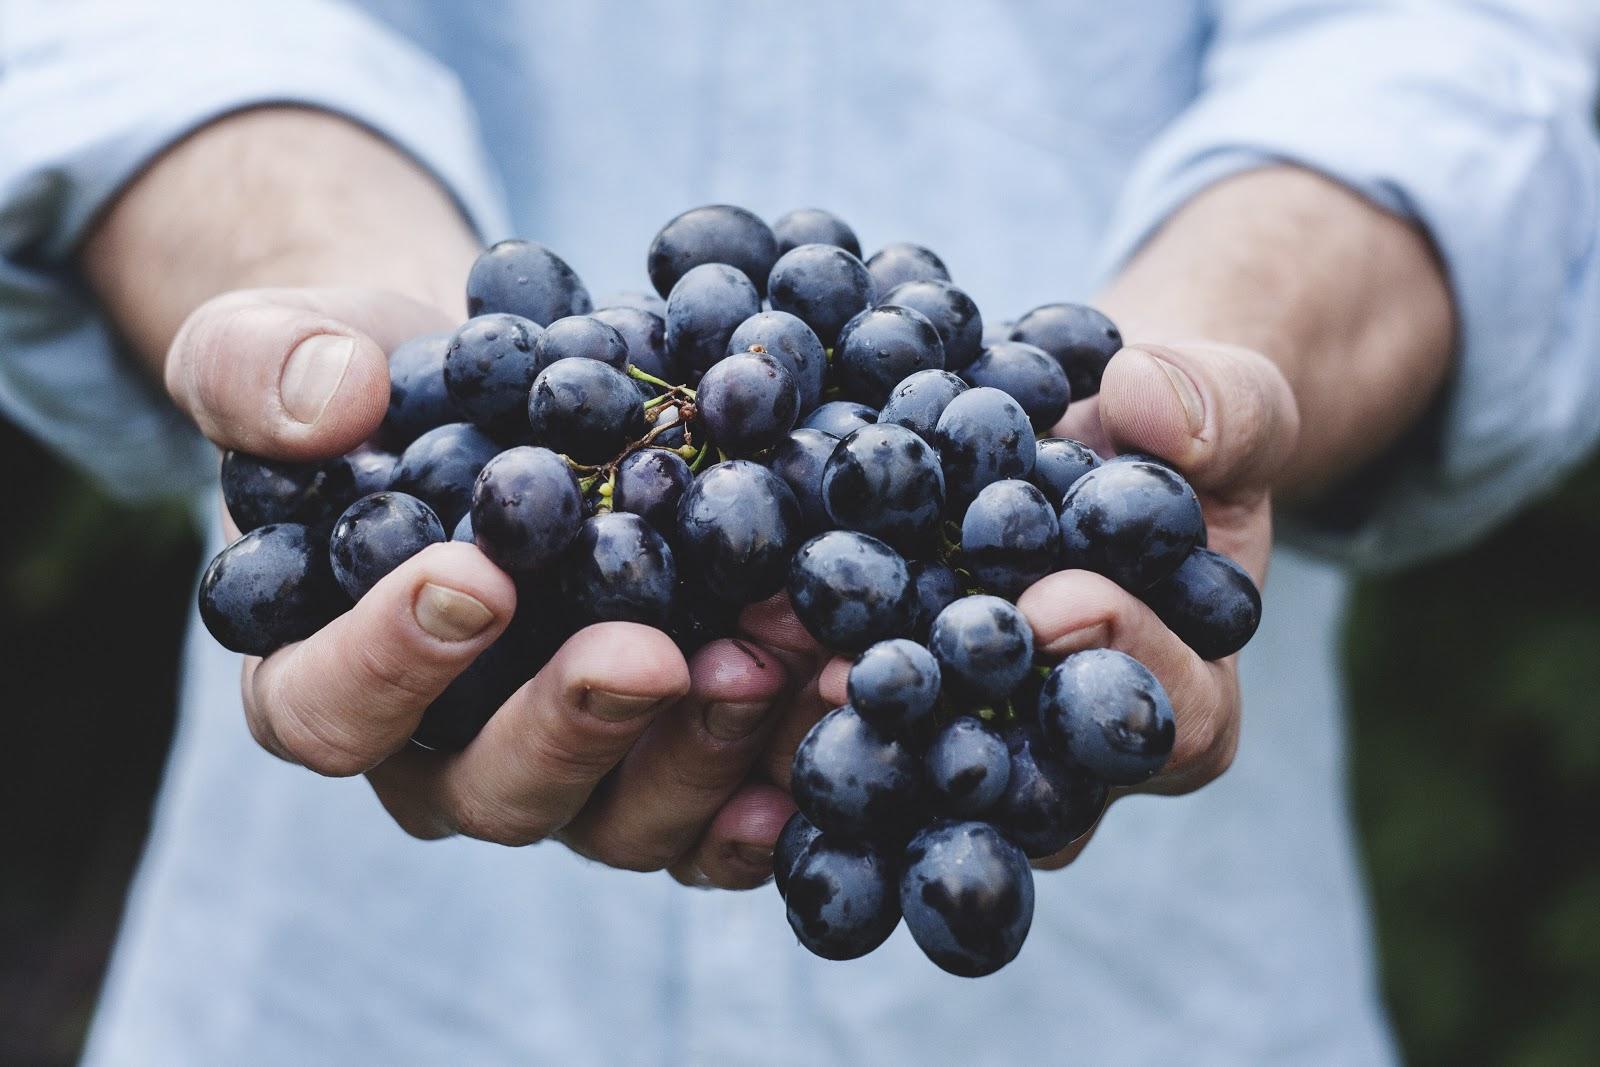 guide to nourishing the body